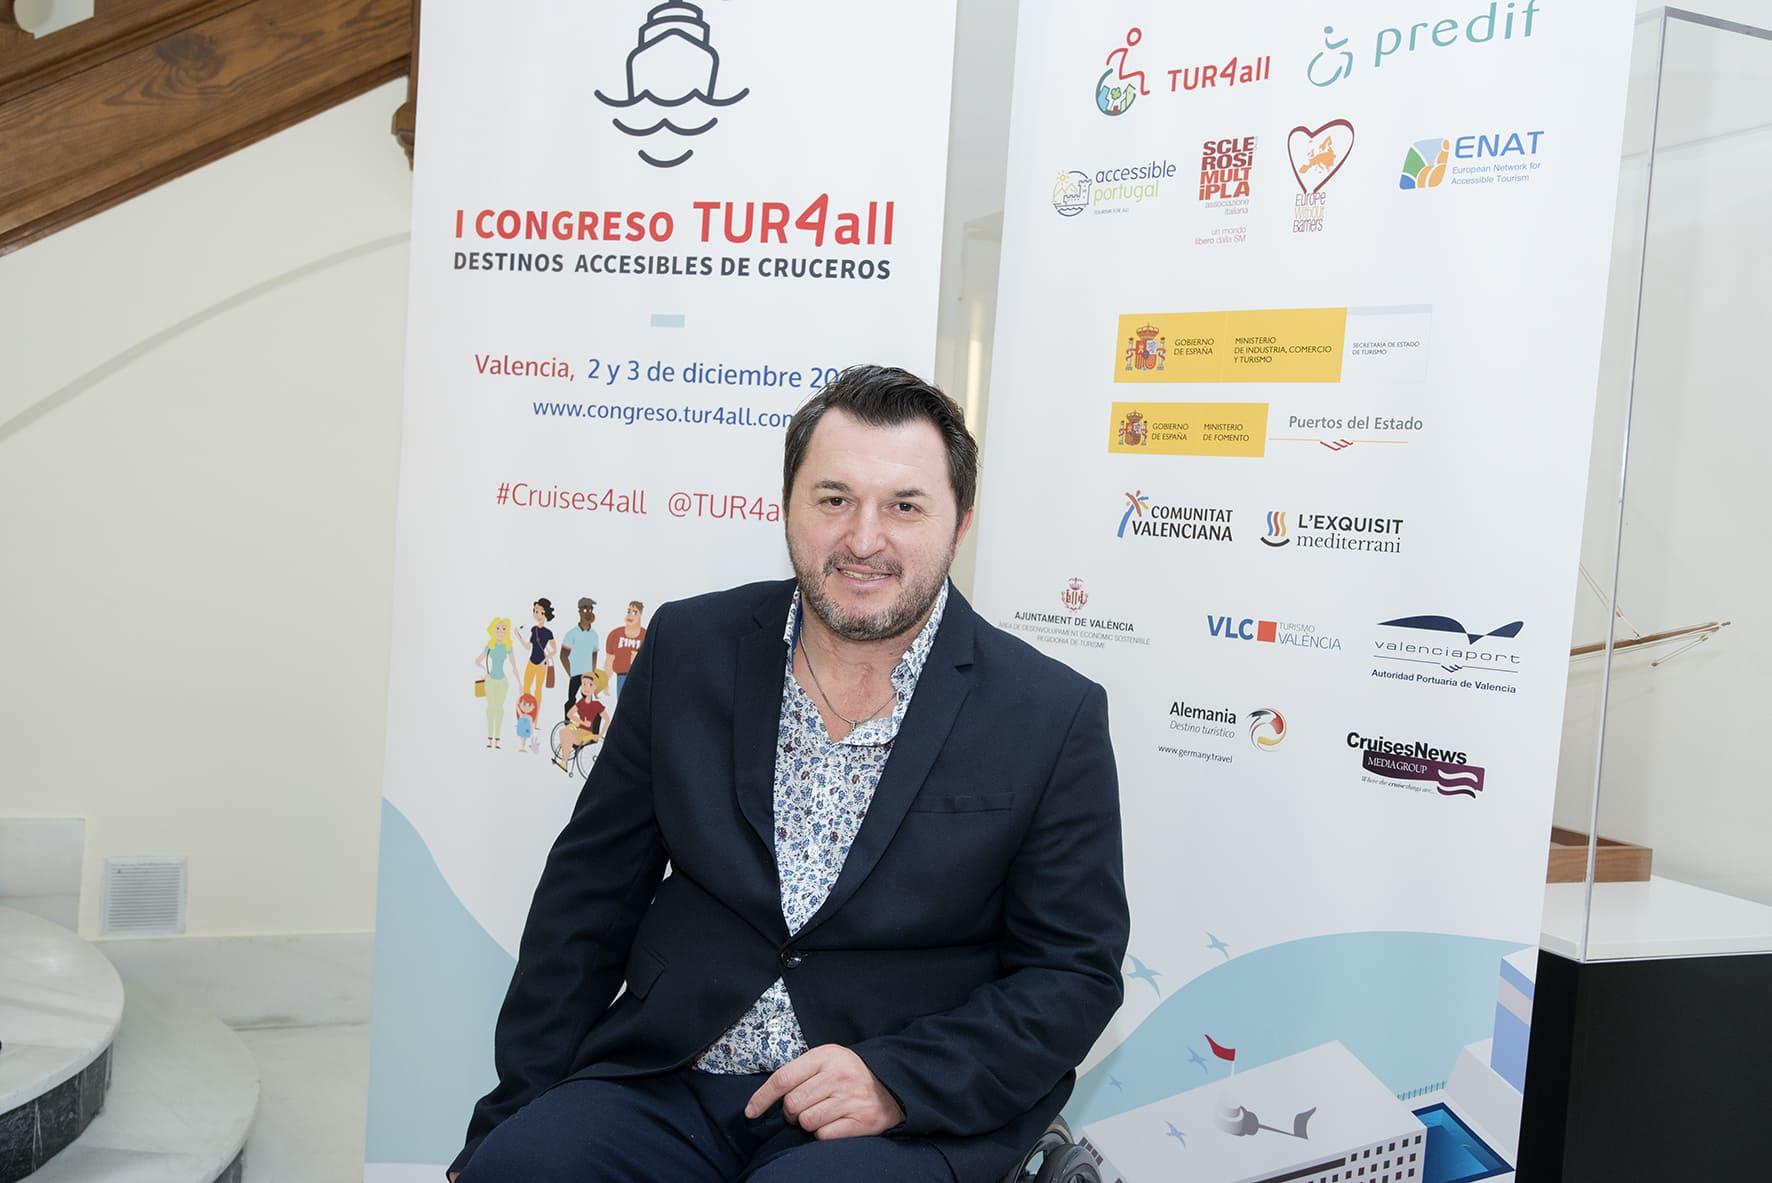 Francisco Sardón_PREDIF